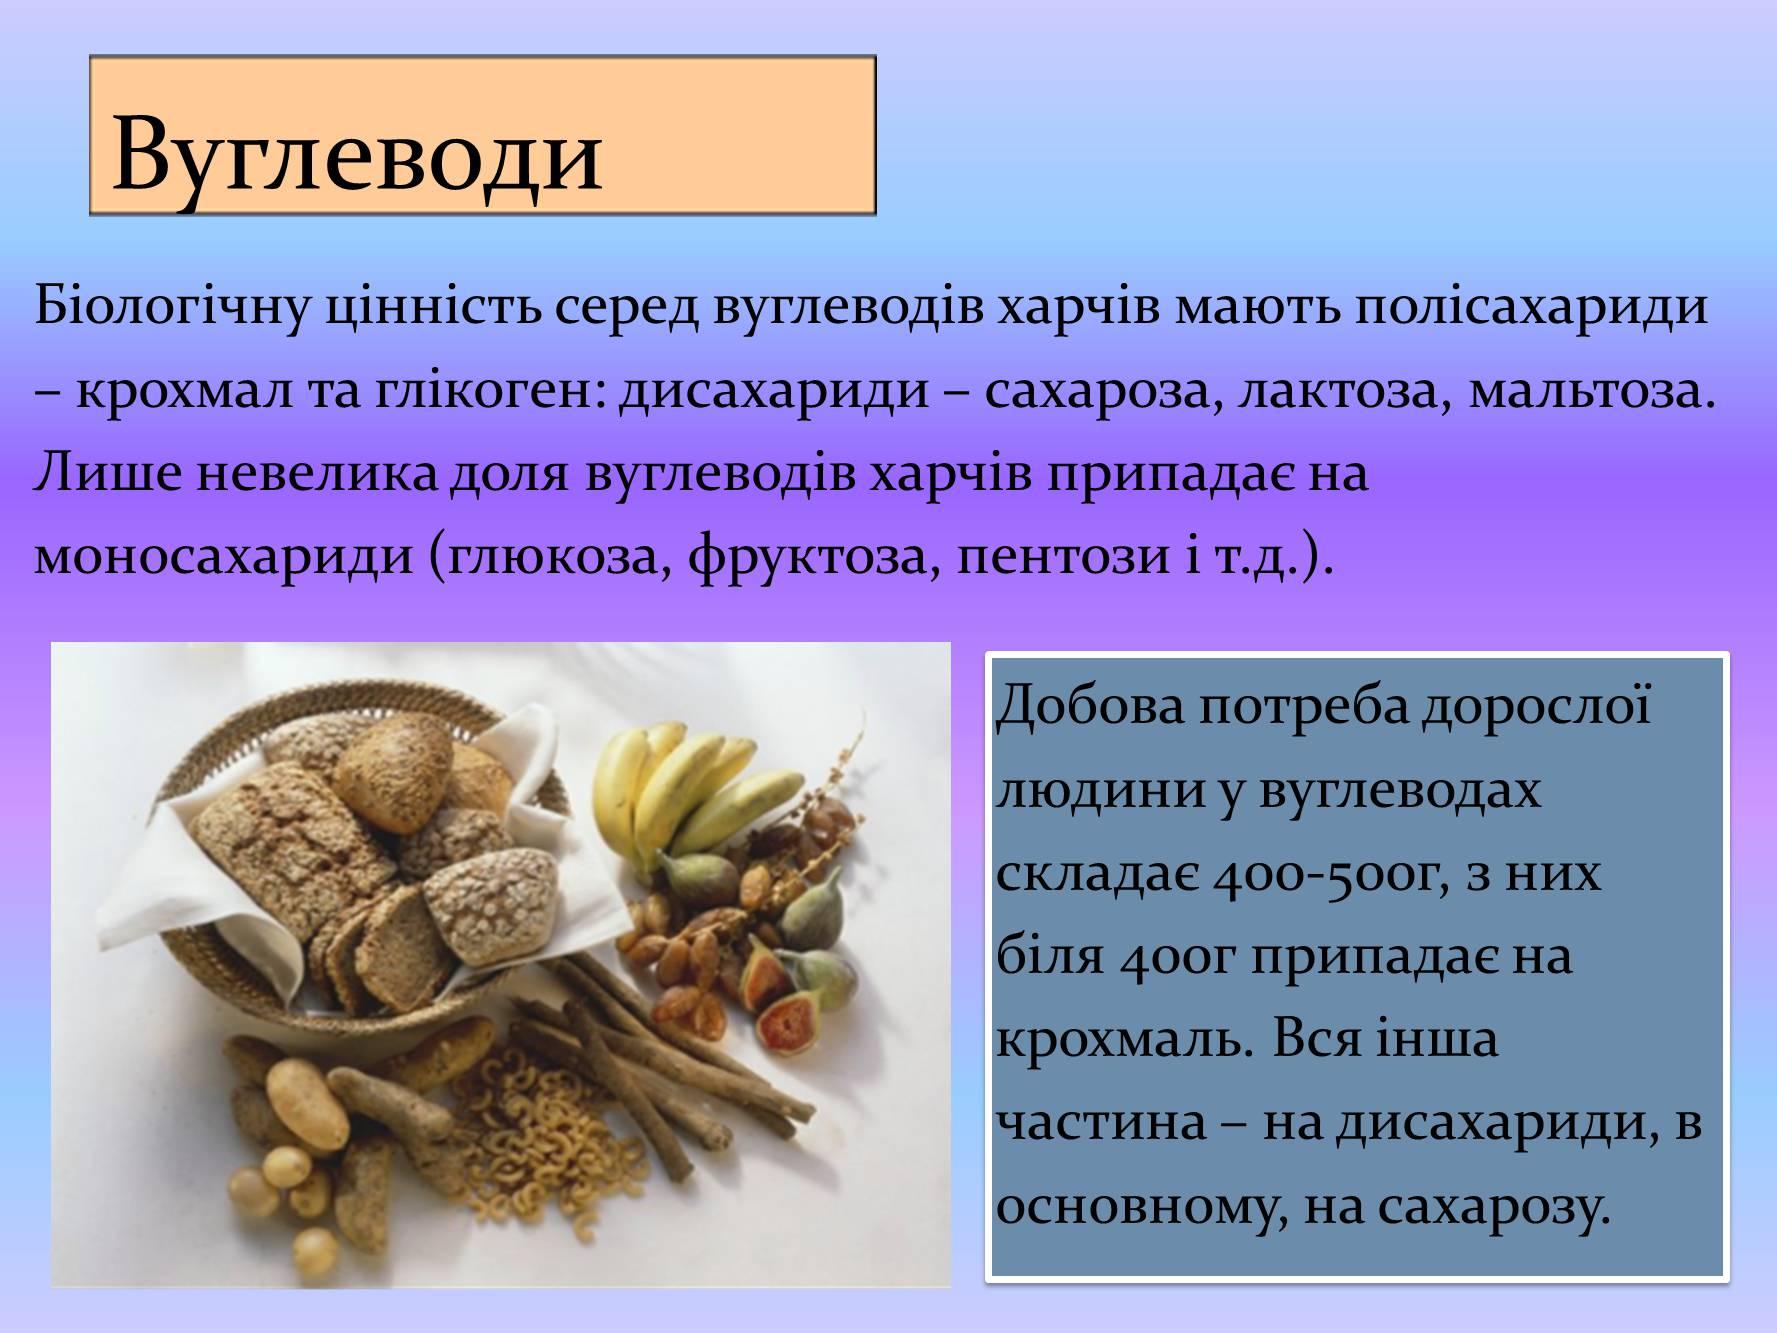 Збалансоване харчування презентация онлайн.